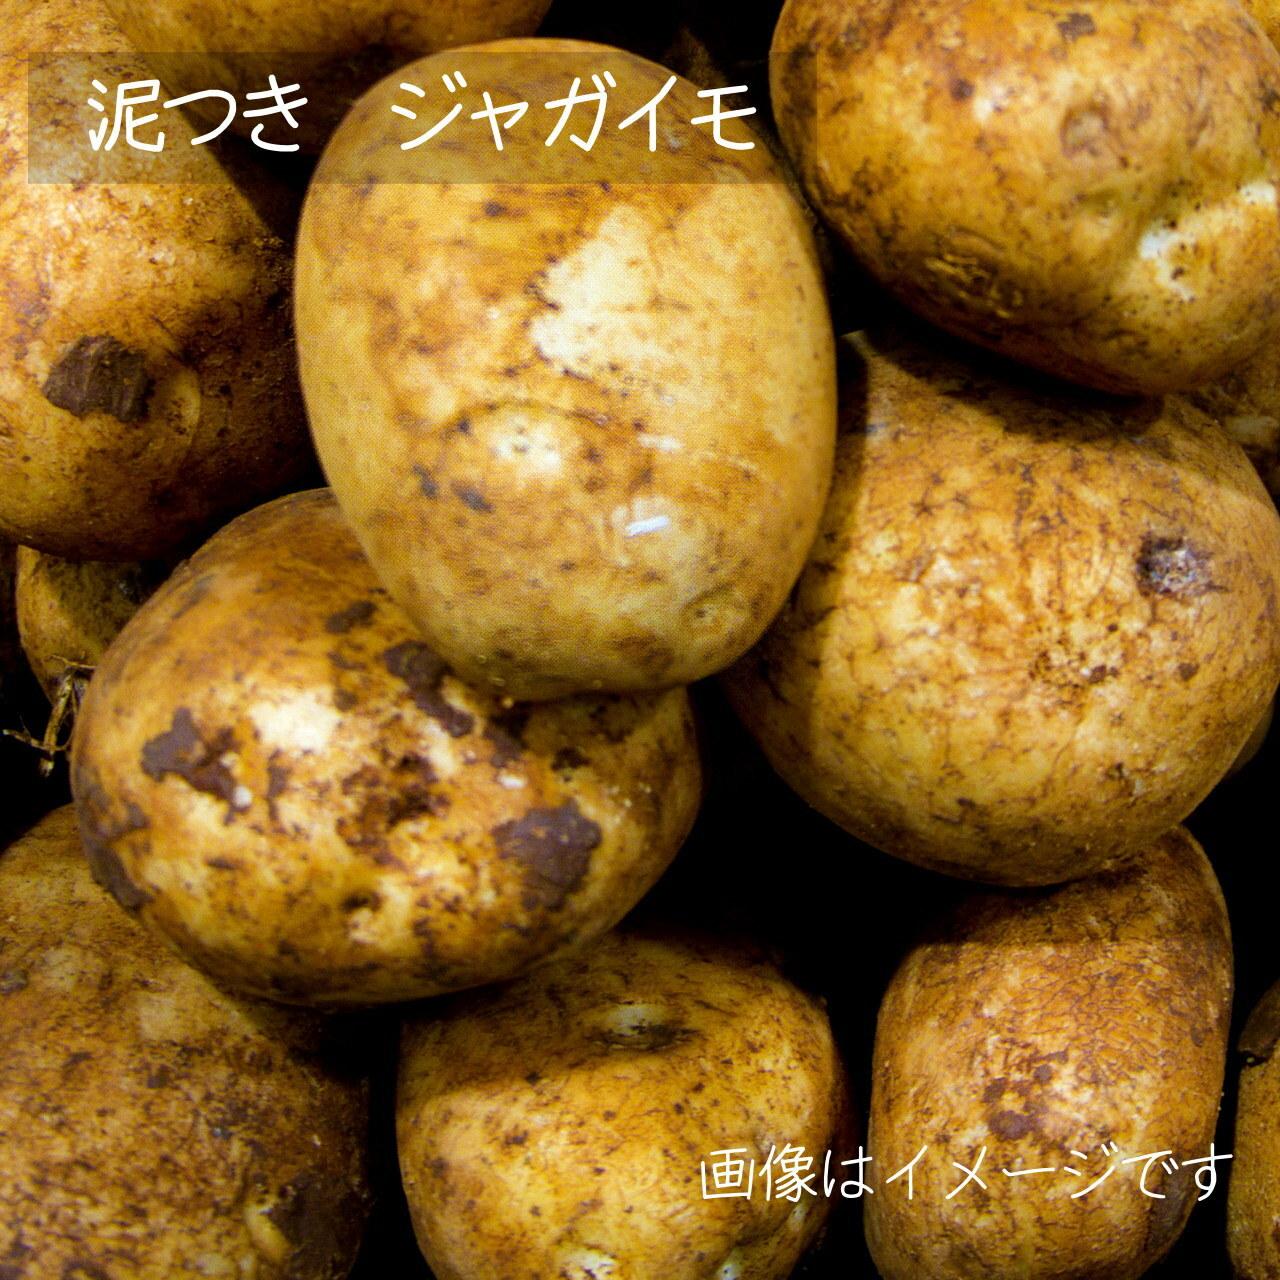 7月の朝採り直売野菜 : ジャガイモ 約600g 7月の新鮮夏野菜 7月25日発送予定